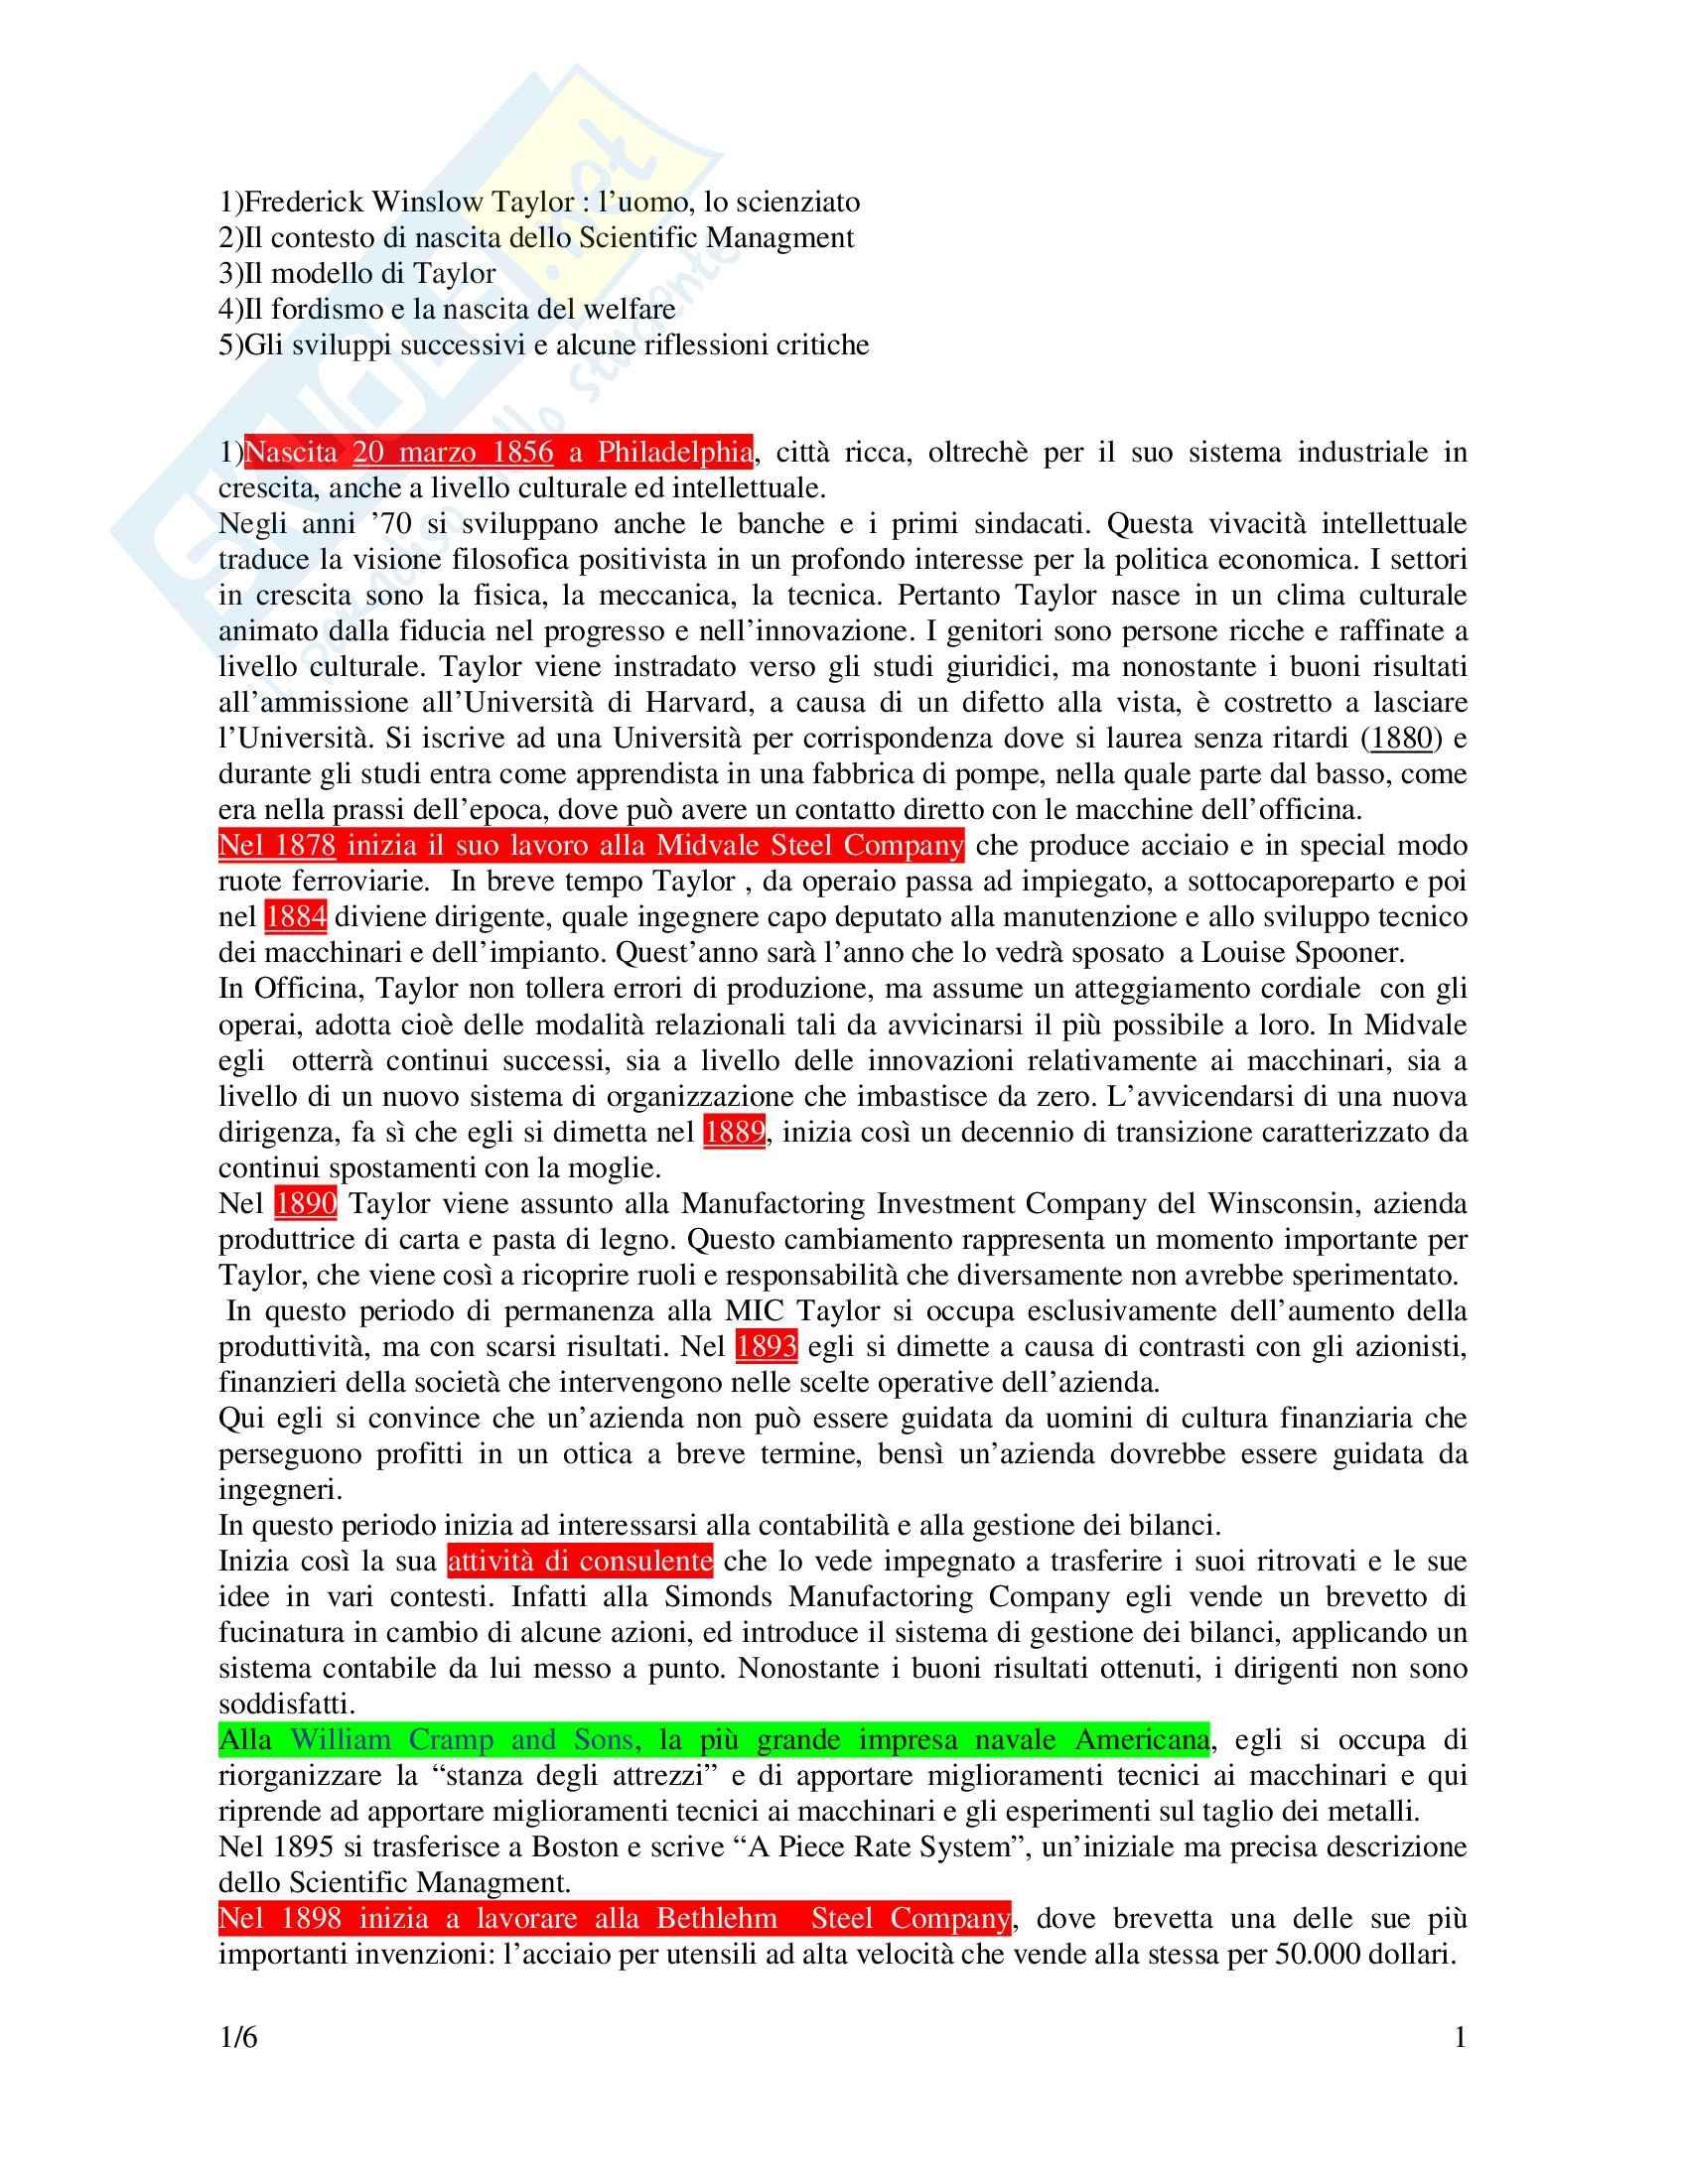 Riassunto esame Psicologia del Lavoro, prof. Pietroni, libro consigliato Taylor, Le origini dello Scientific management, Zuffo